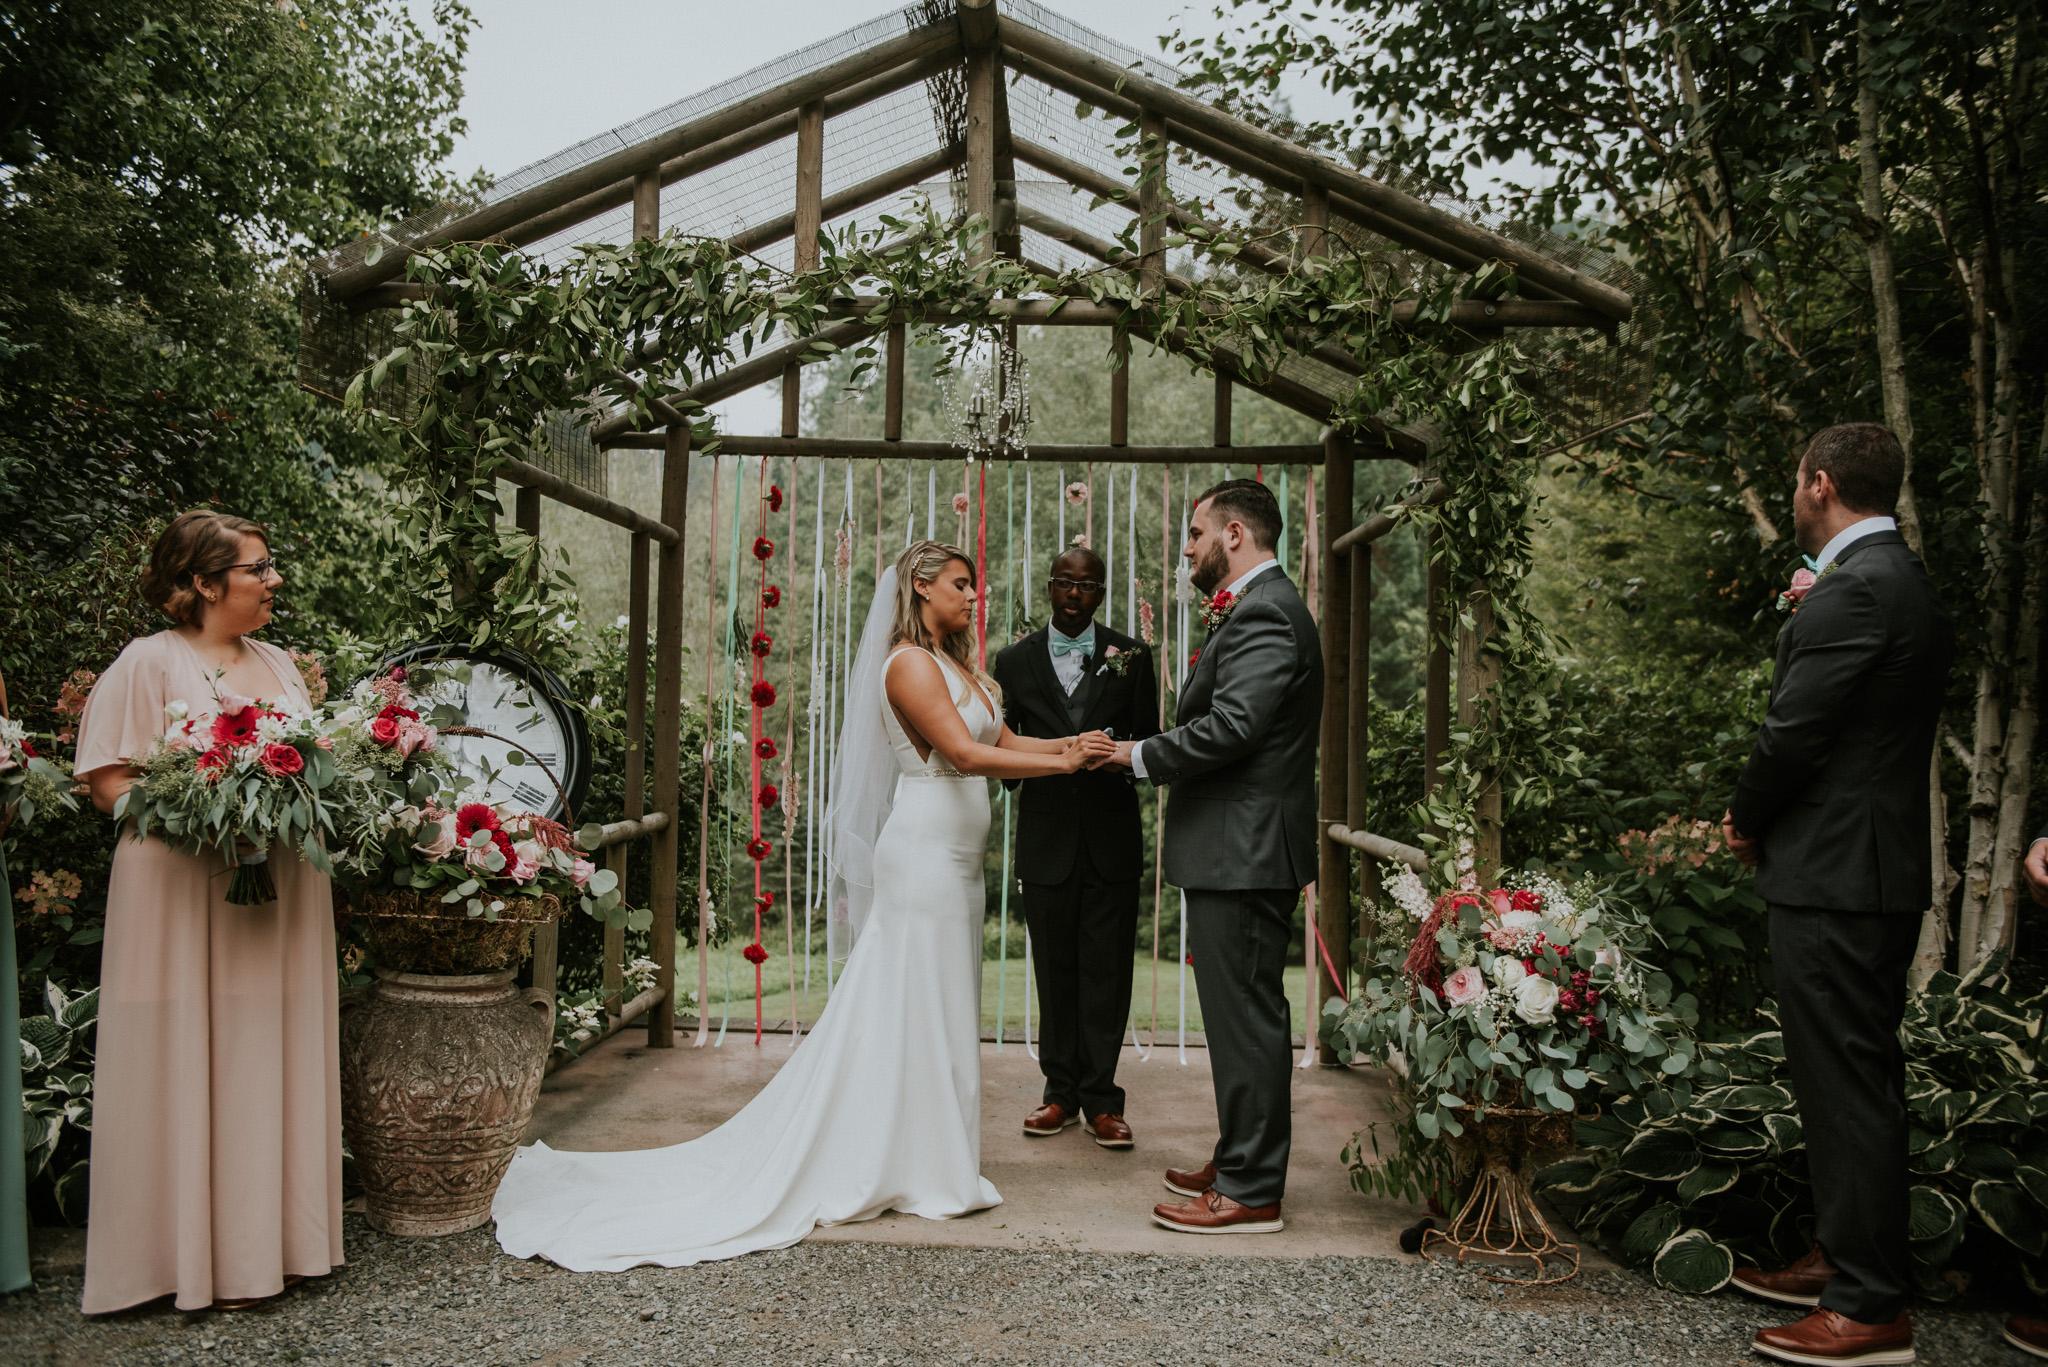 Francis-Wedding_2018_0825_164843-7954_JW.jpg